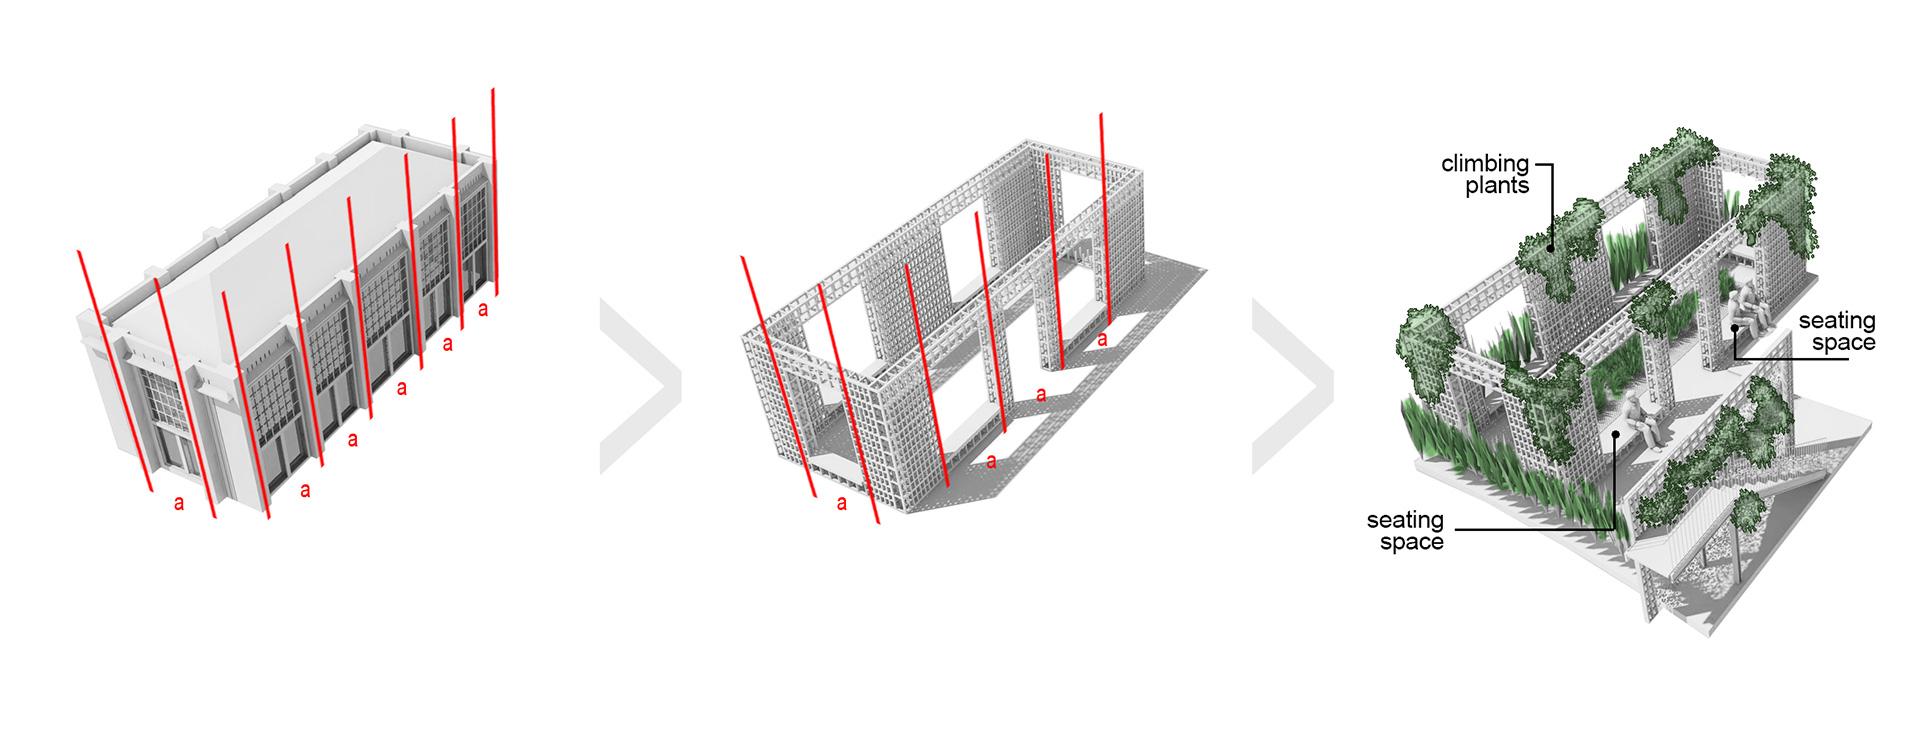 RIAS - Orangery Garden - Concept